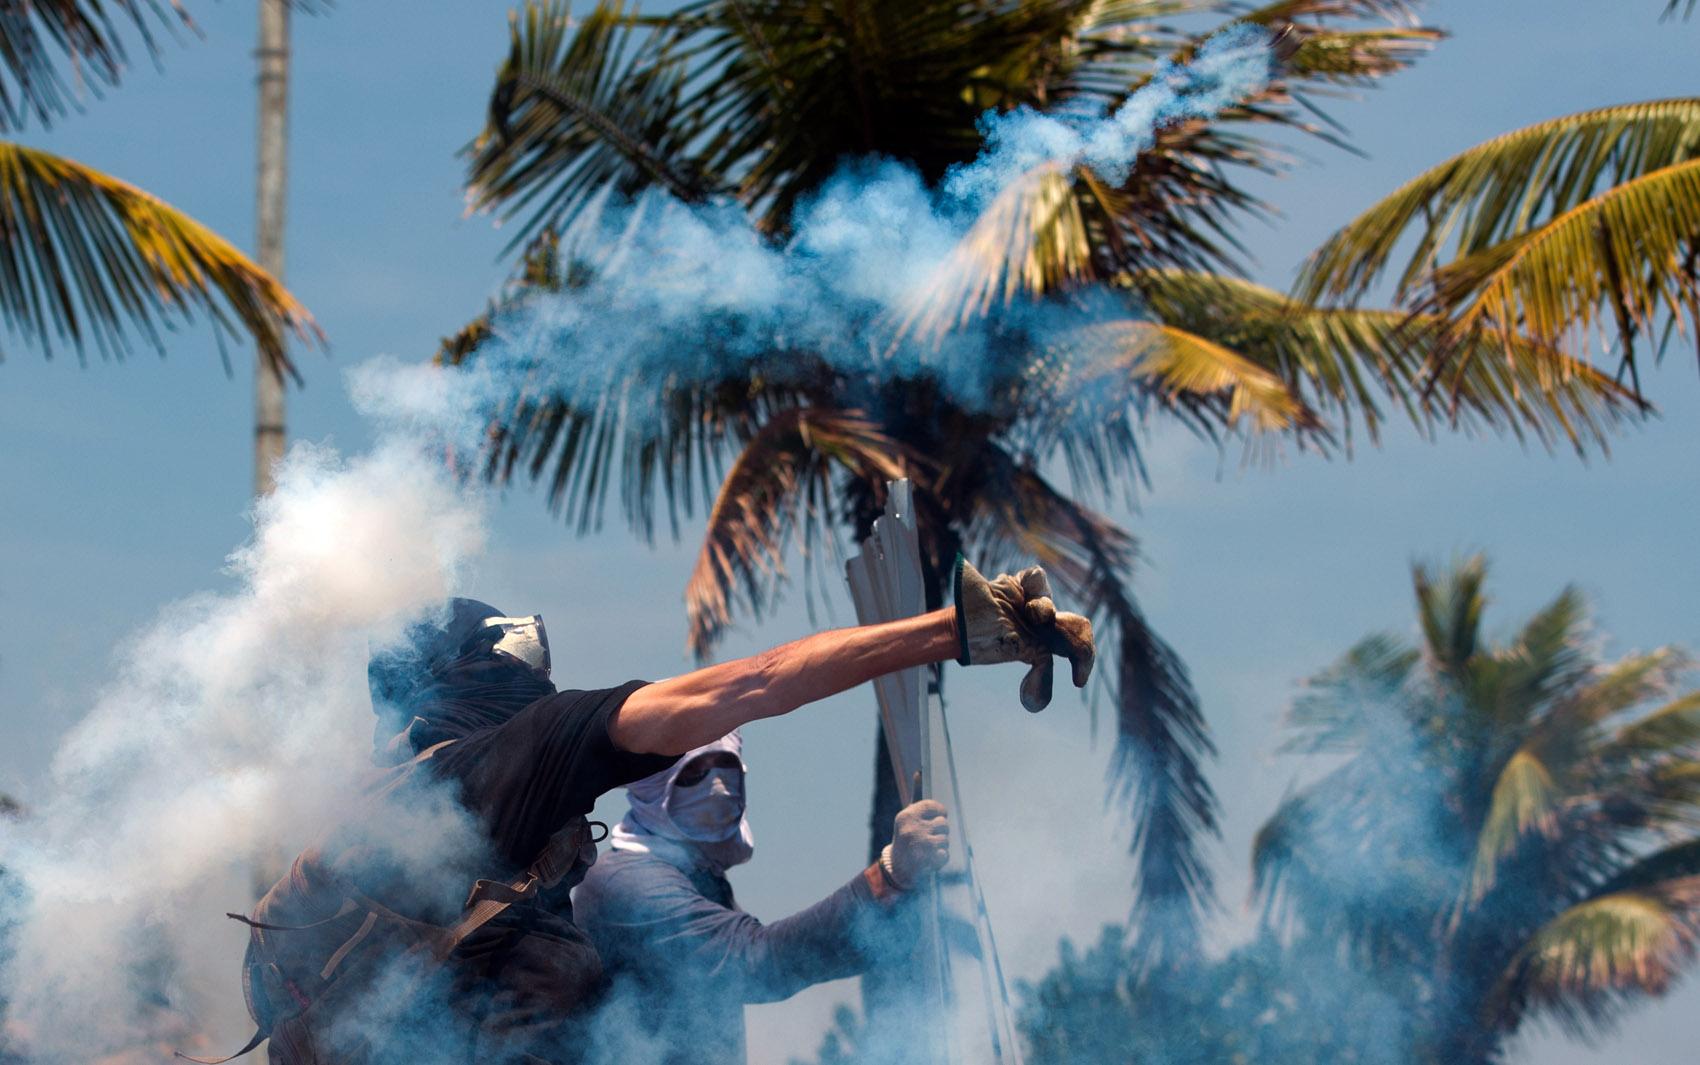 Mascarados jogam bombas em direção aos policiais no Rio de Janeiro